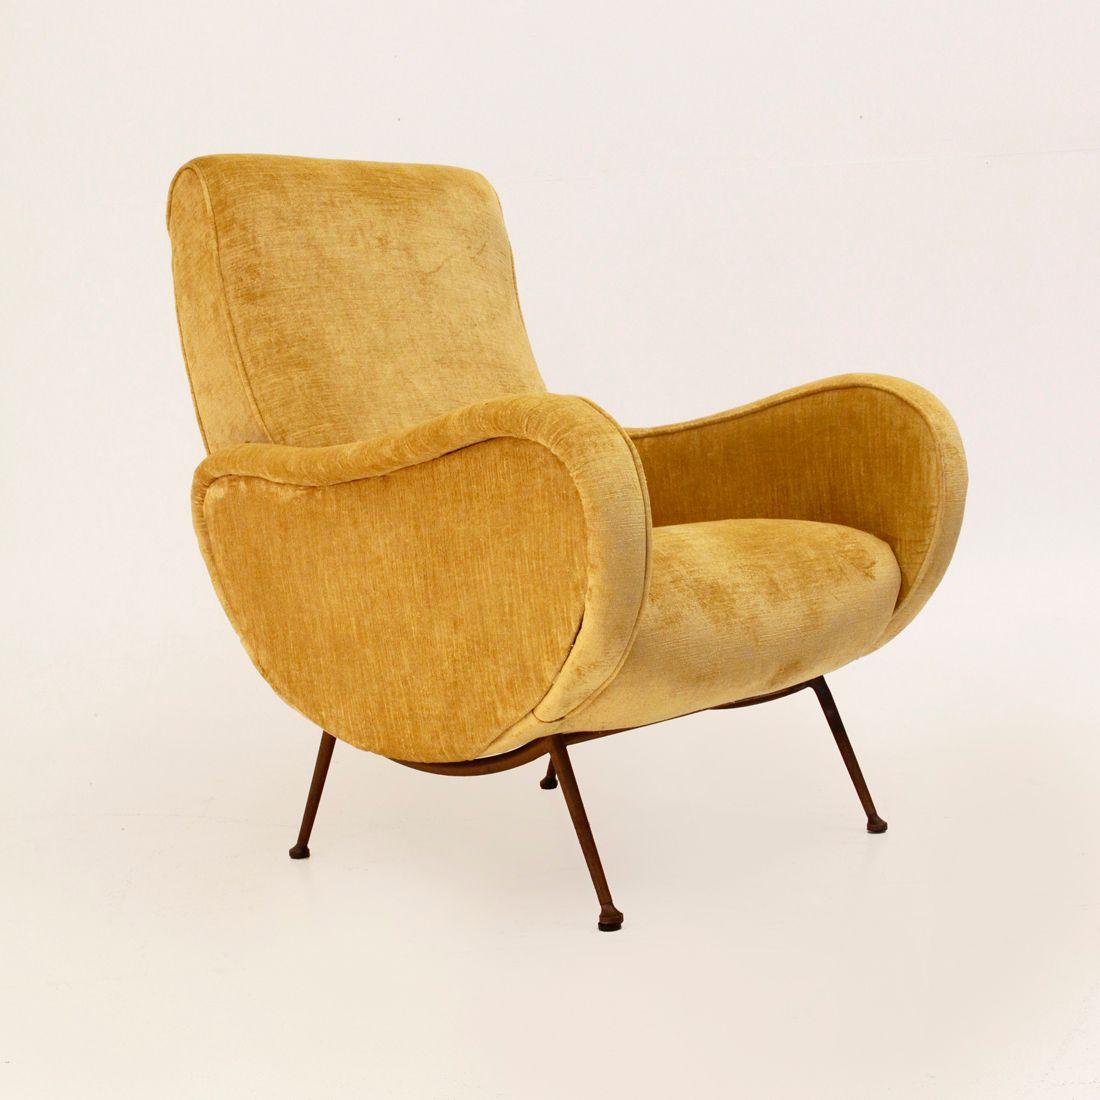 italienischer mid century sessel mit gelbem bezug 1950er bei pamono kaufen. Black Bedroom Furniture Sets. Home Design Ideas